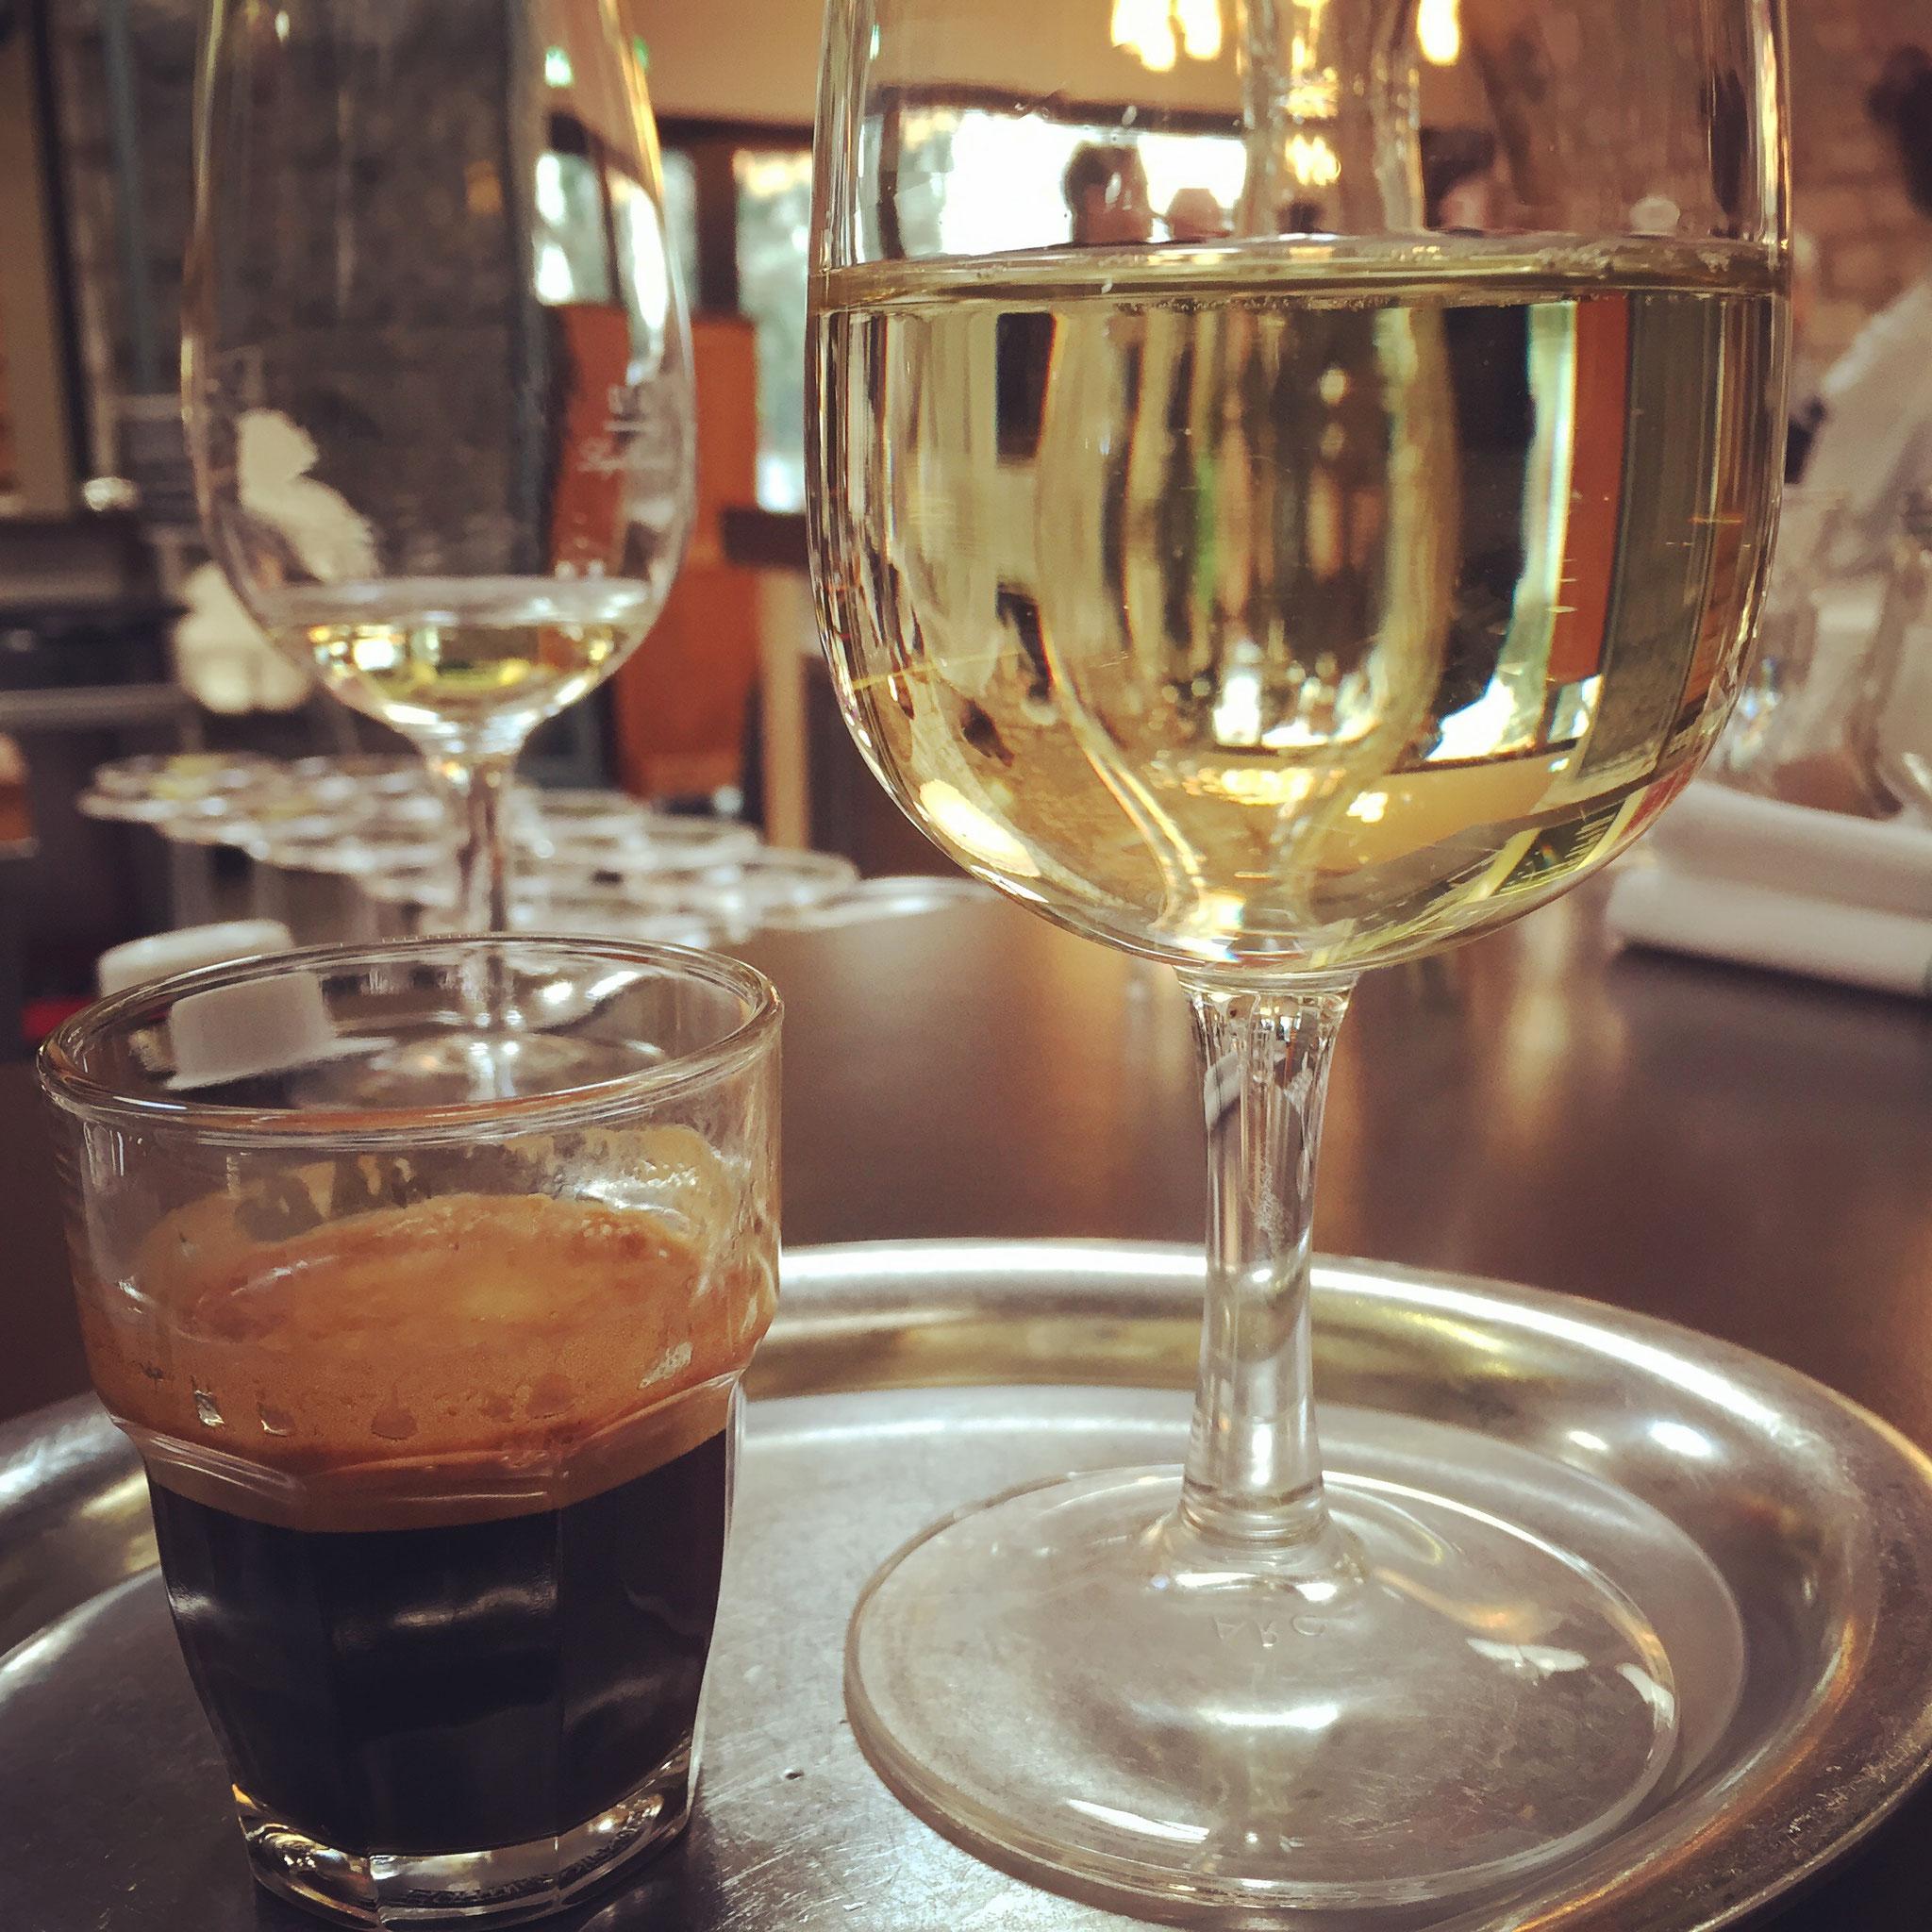 Espresso und Weissweinschorle@Markthalle - Zürich, Switzerland